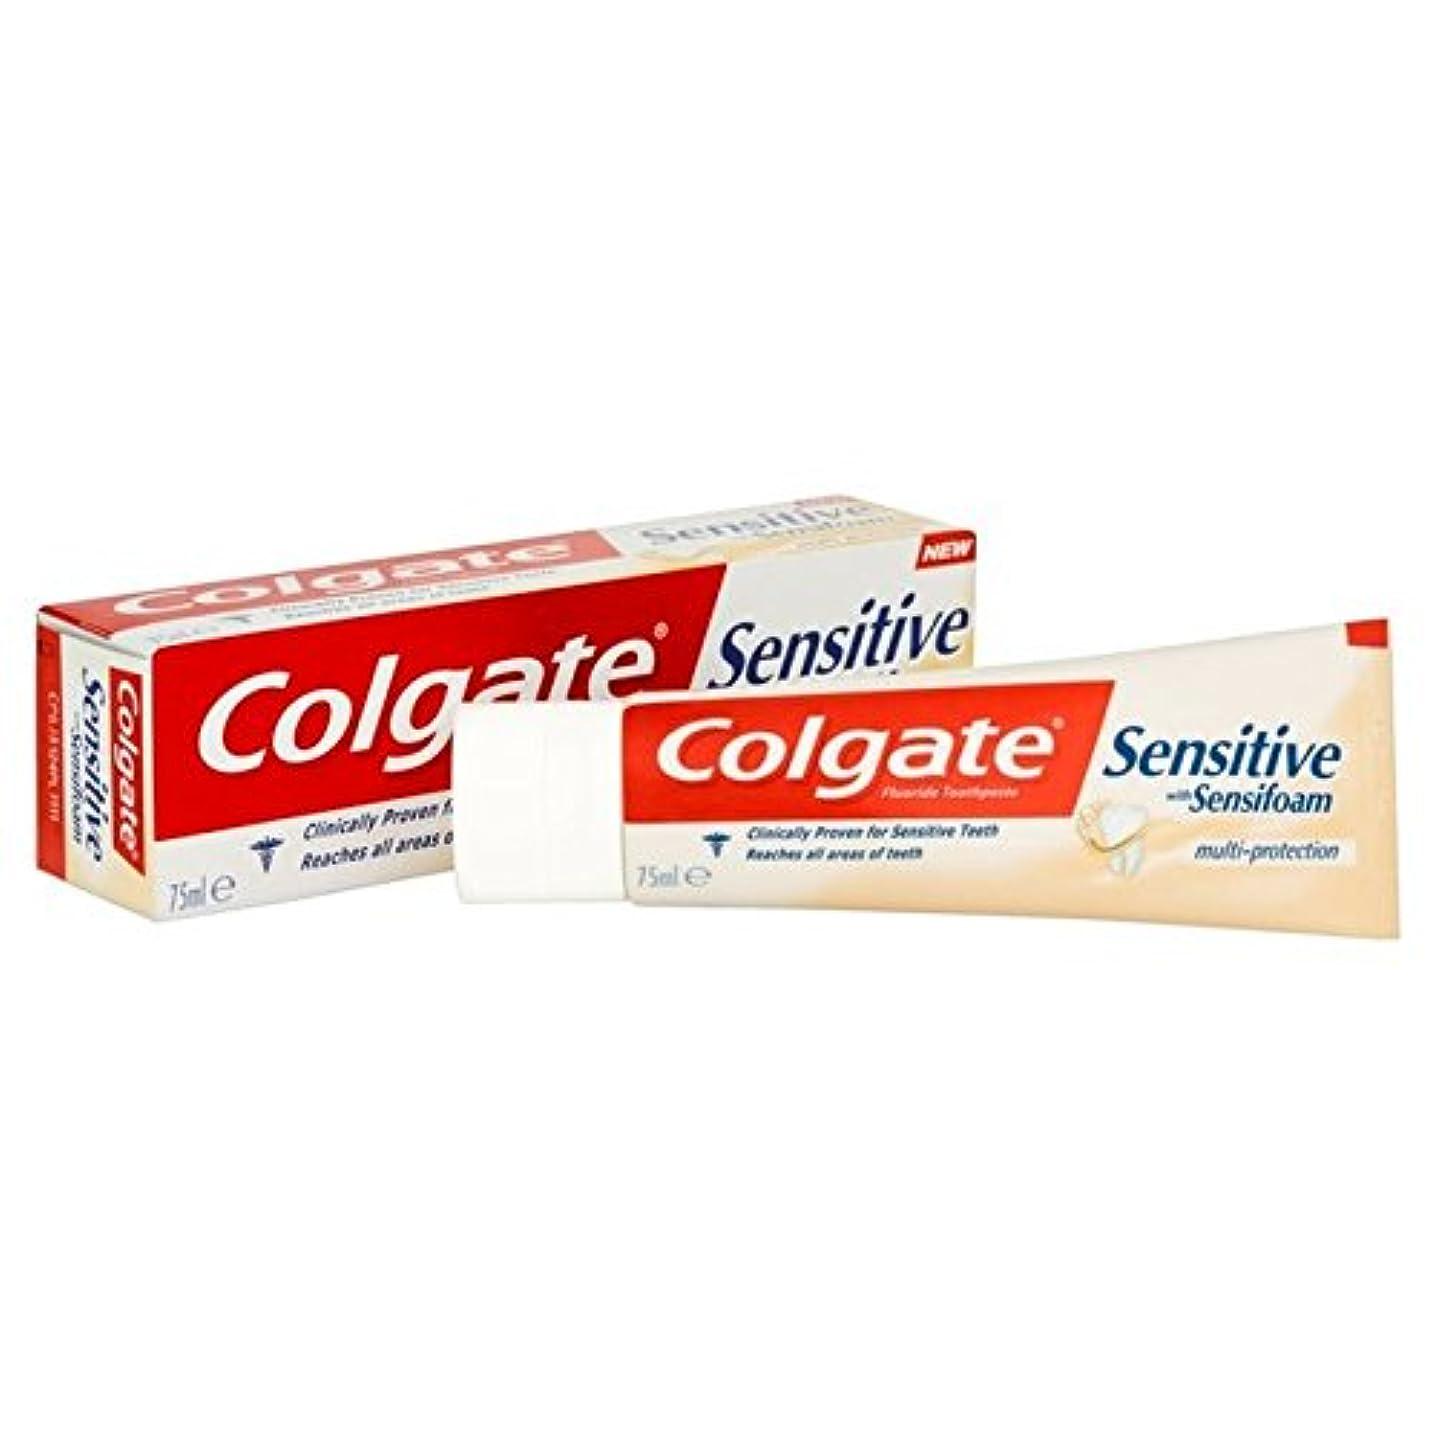 アンケート終了するアコーコルゲート敏感な泡は、マルチ歯磨き粉75ミリリットルを保護します x4 - Colgate Sensitive Foam Multi Protect Toothpaste 75ml (Pack of 4) [並行輸入品]